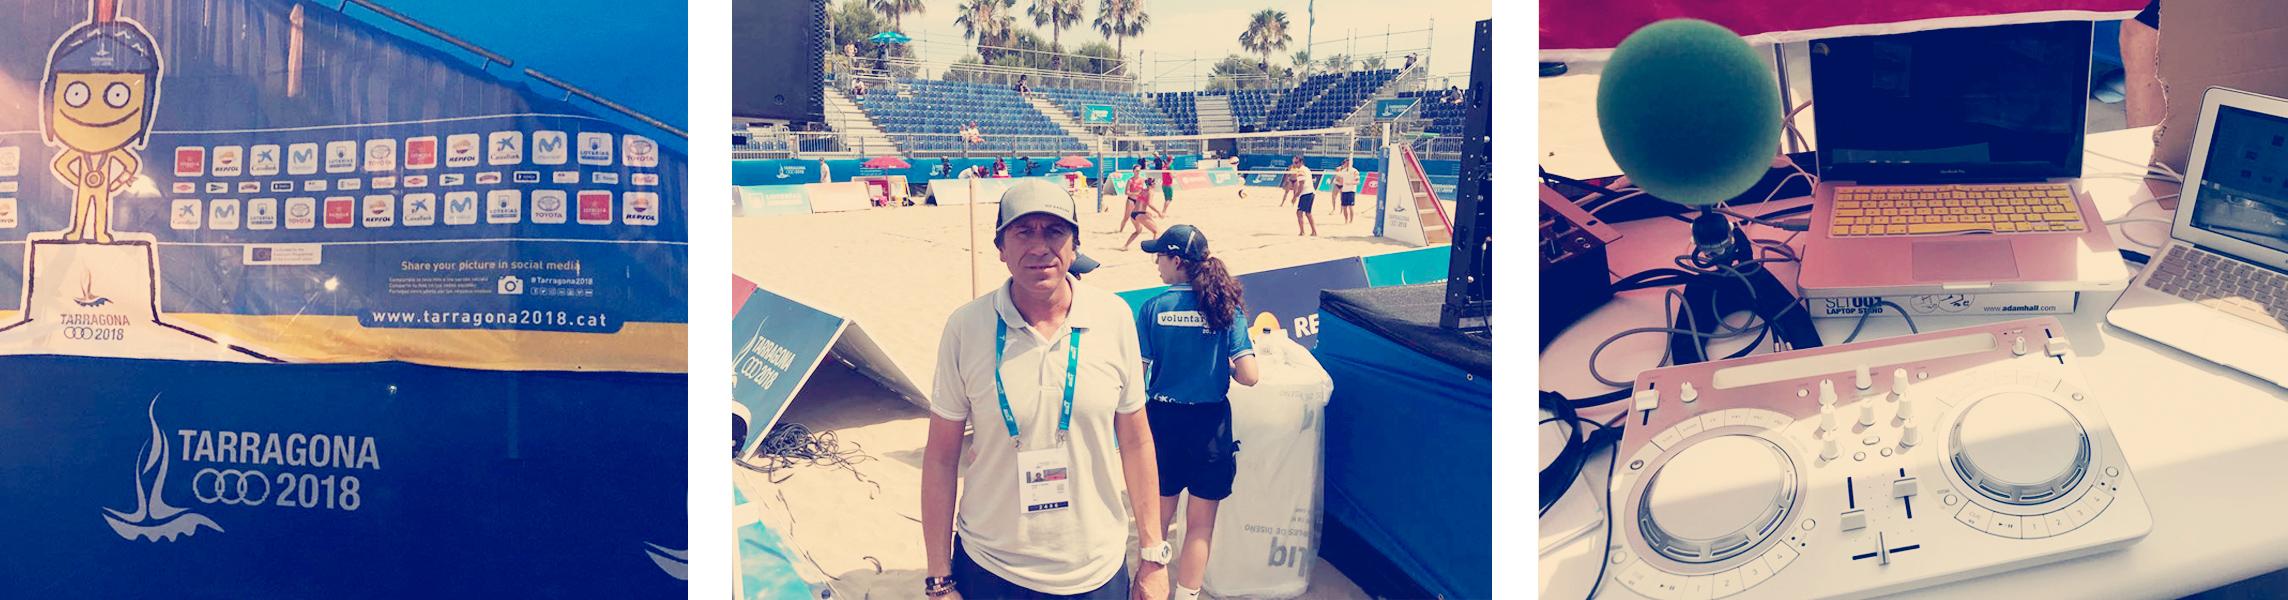 Transmitiendo desde los Juegos MediterráneosTarragona 2018